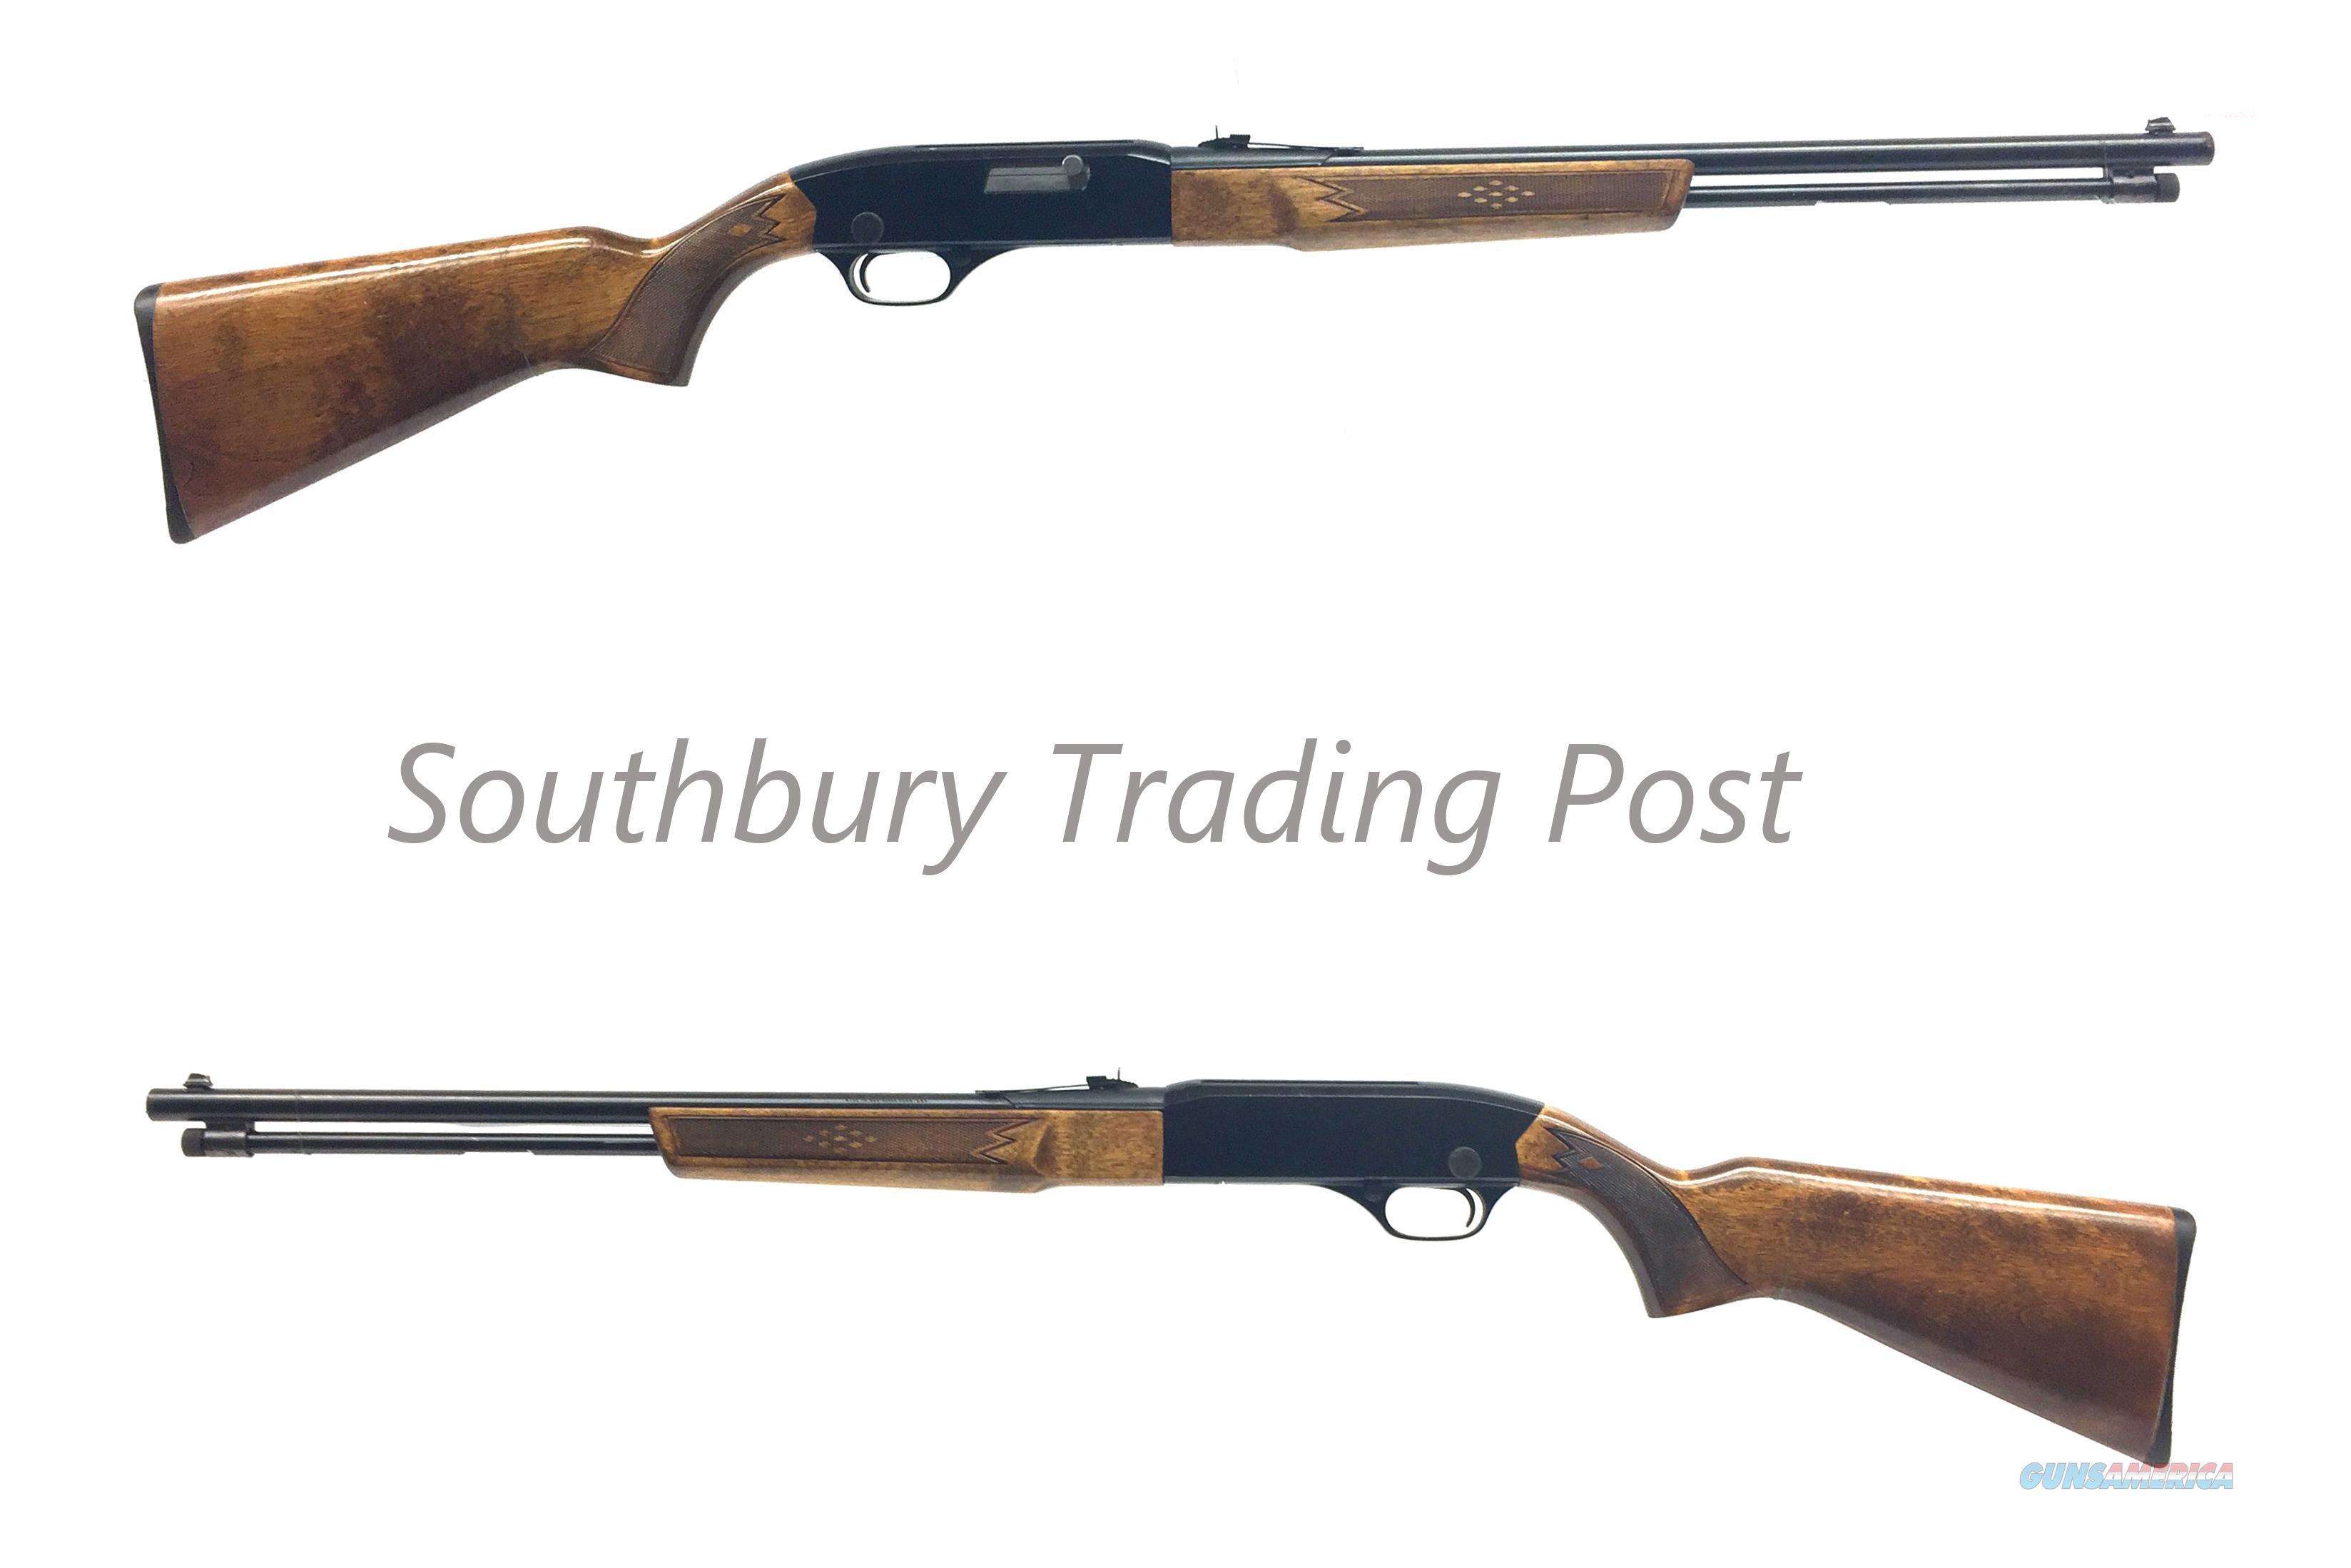 winchester model 190 22l lr semi automatic rif for sale rh gunsamerica com Winchester Mod 190 Winchester 190 22LR Semi Auto